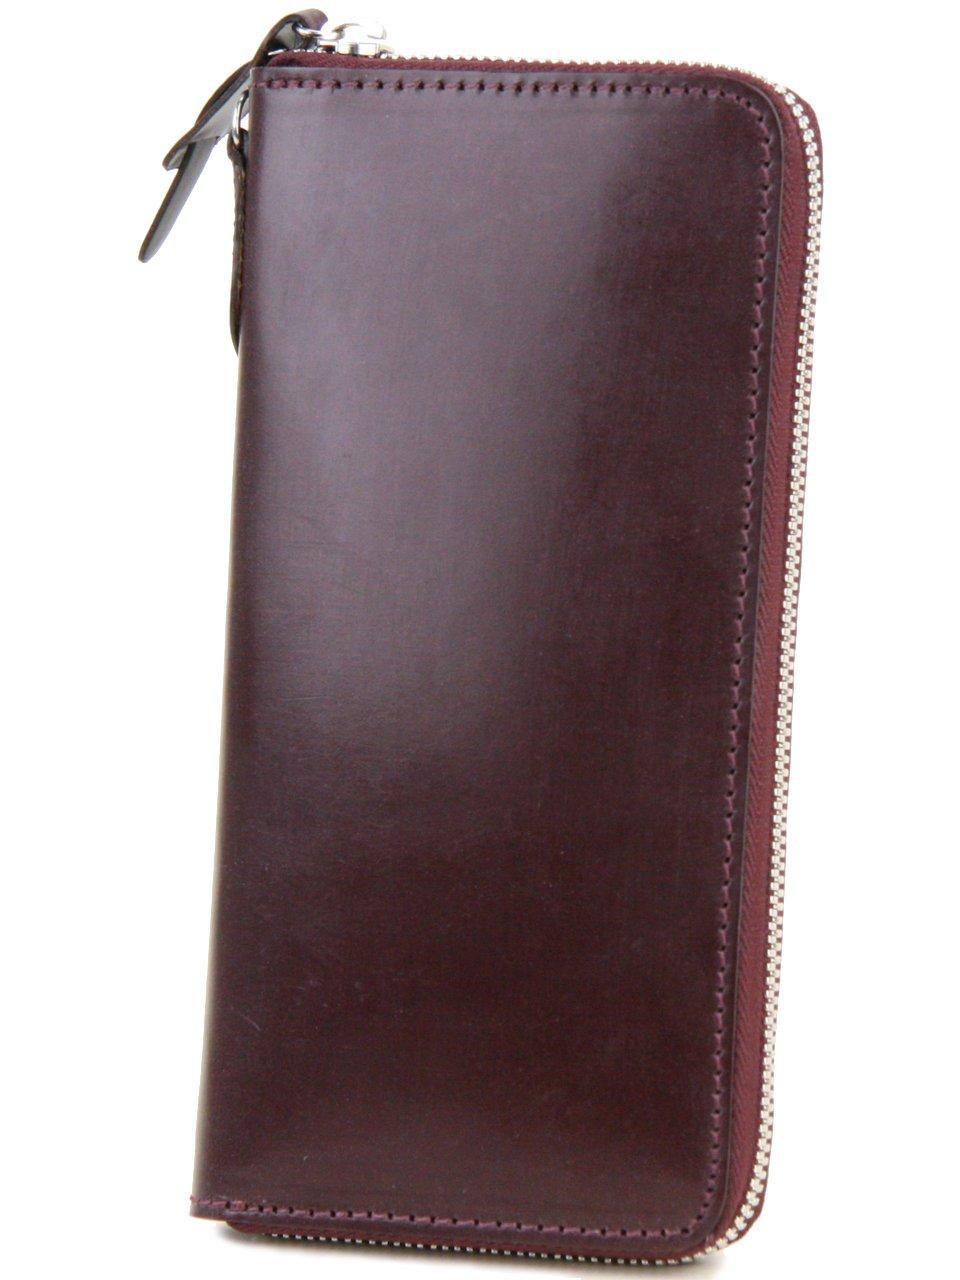 [コルボ] CORBO. 長財布 1LD-0223 アコーディオン型 ラウンドファスナー フェイス ブライドルレザー face Bridle Leather B005Q6EH6Q ワイン ワイン